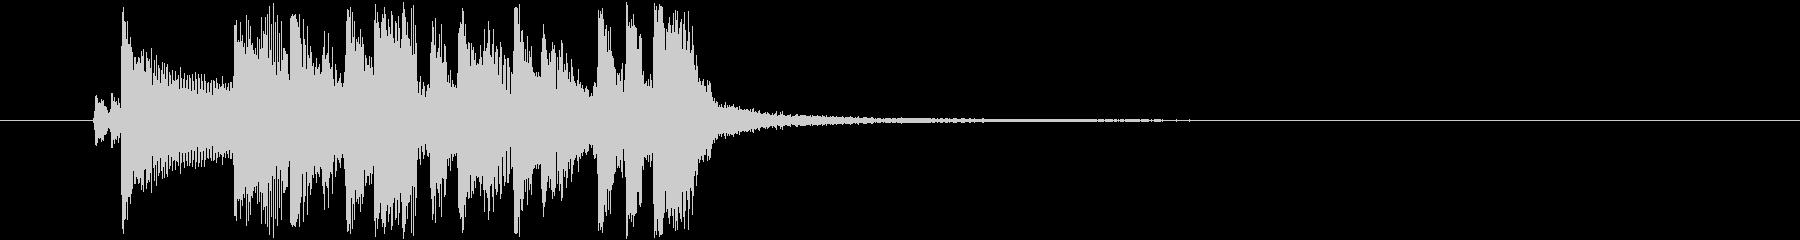 ファンキーなアイキャッチの未再生の波形